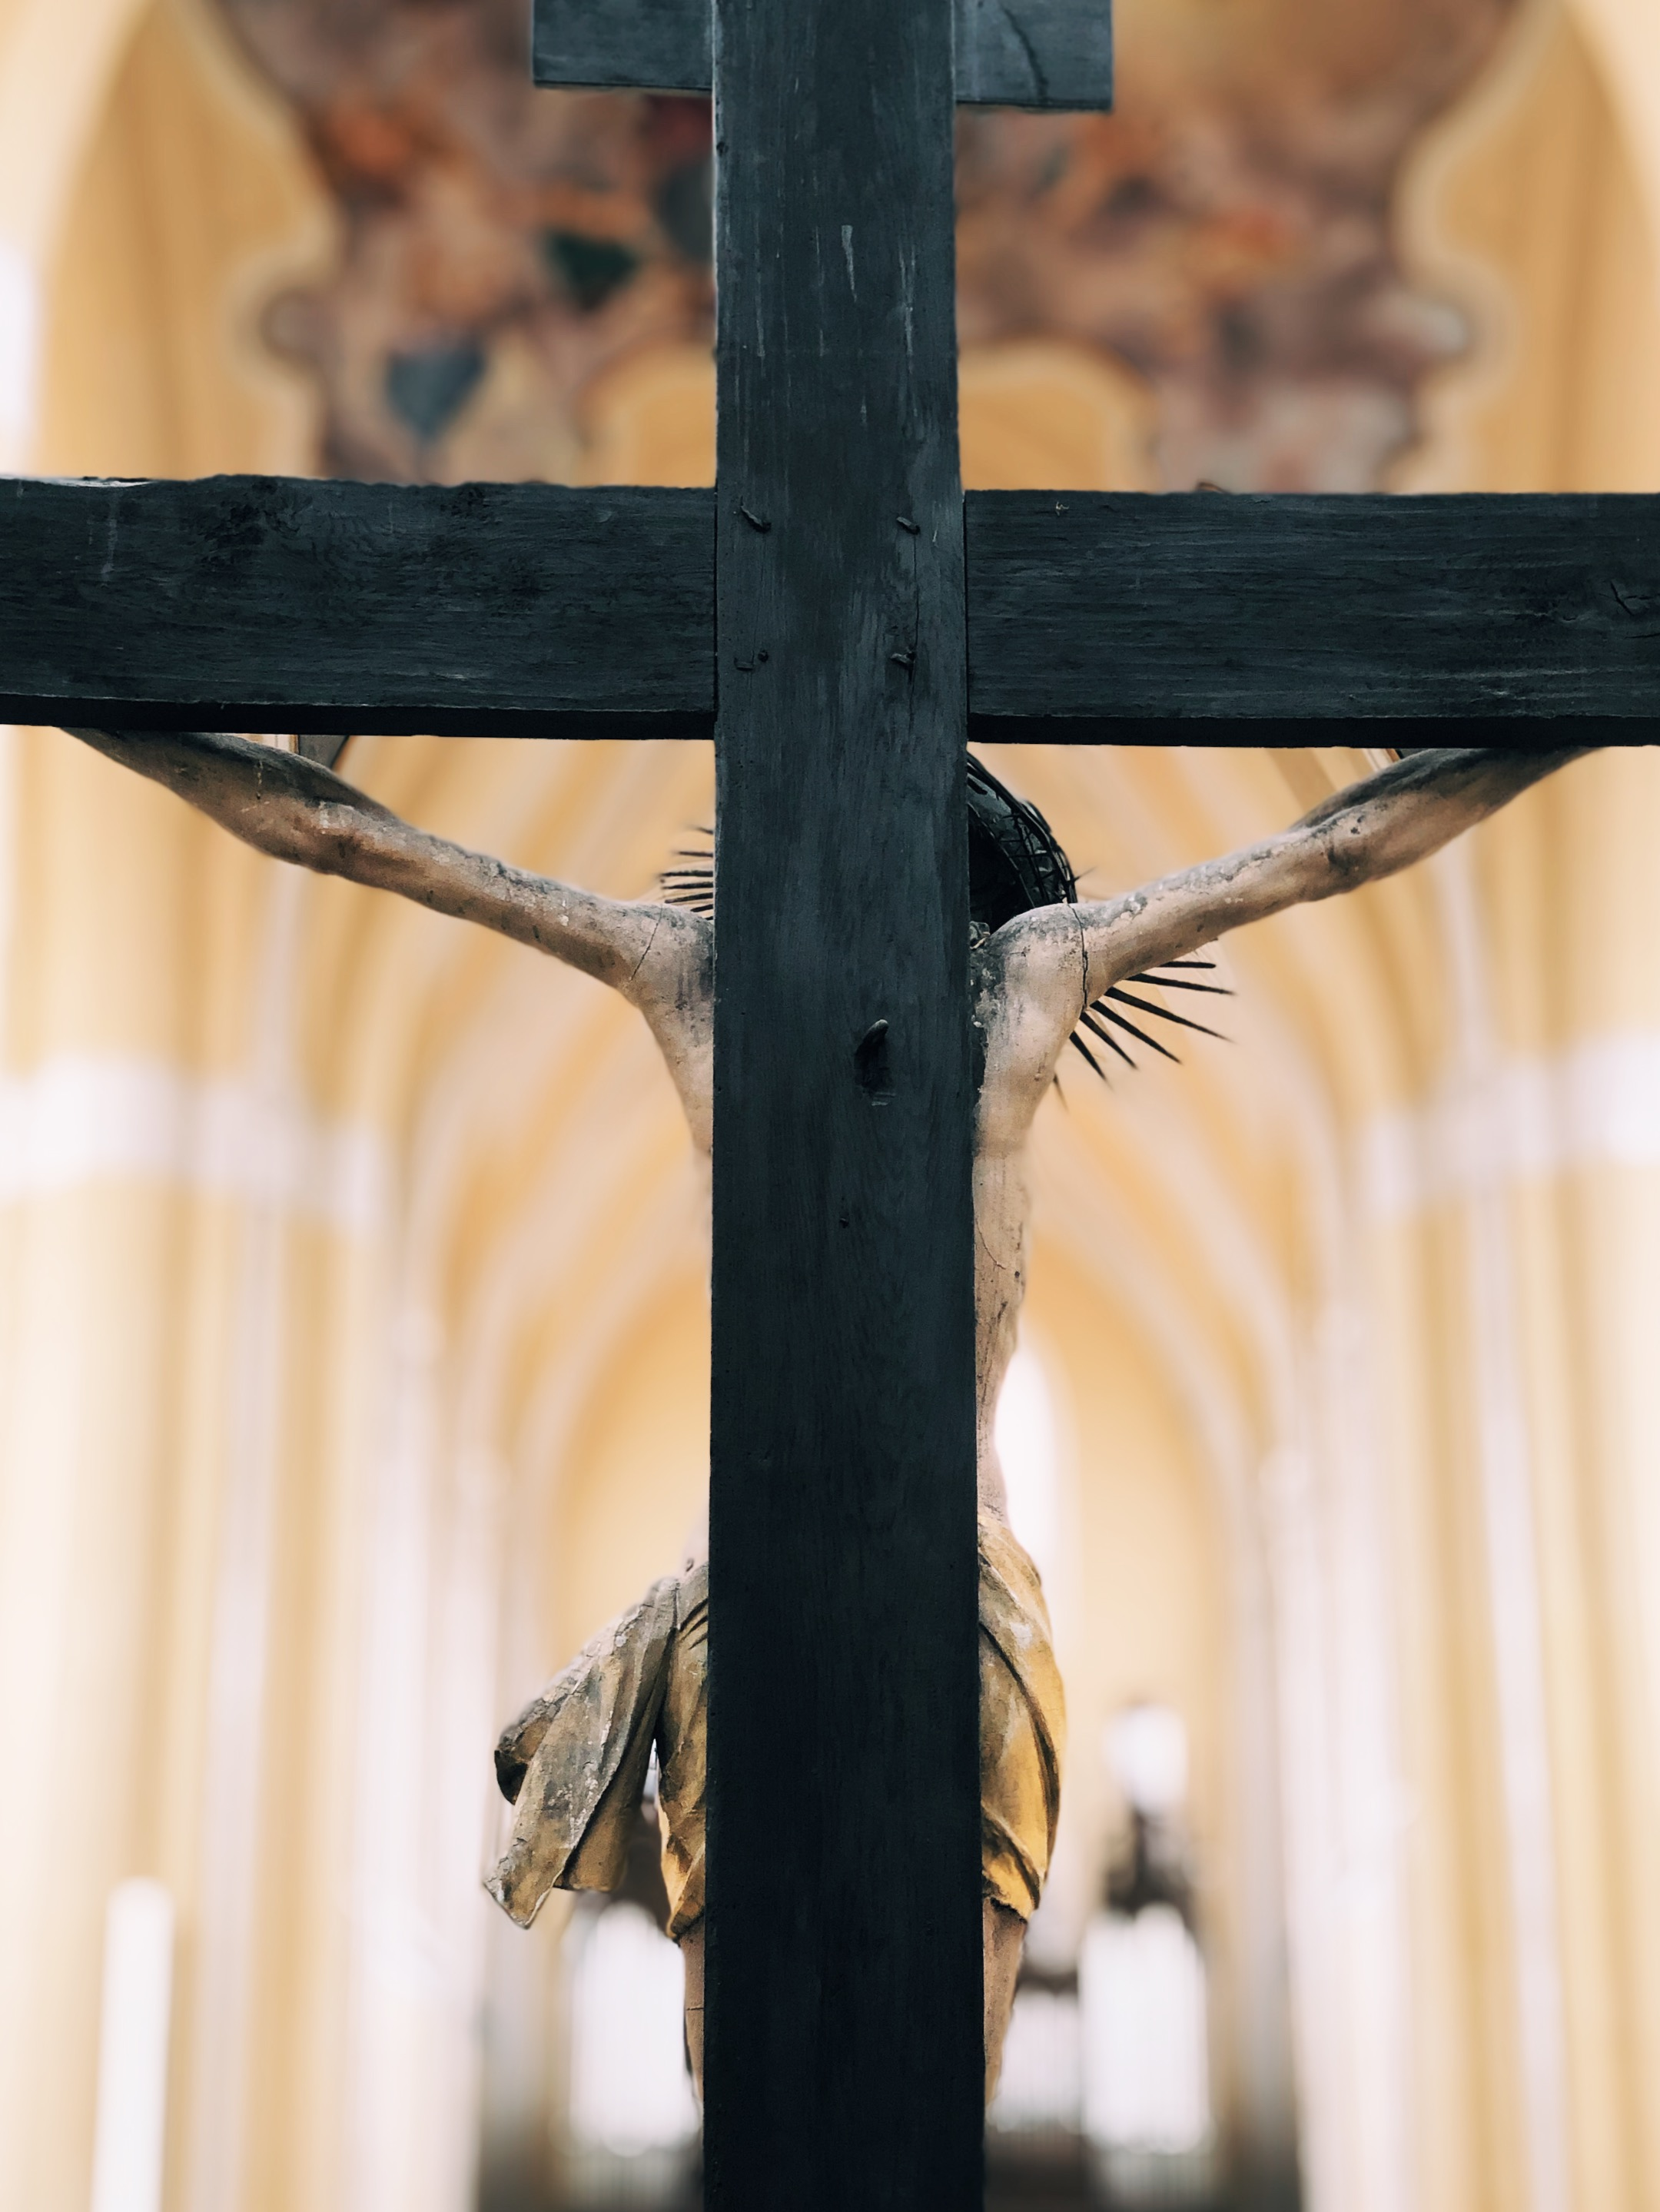 הרכבה מחדש אל אלמנטים נוצרים-אורתודוקסיים במבנה של בלאק מטאל - באטושקה